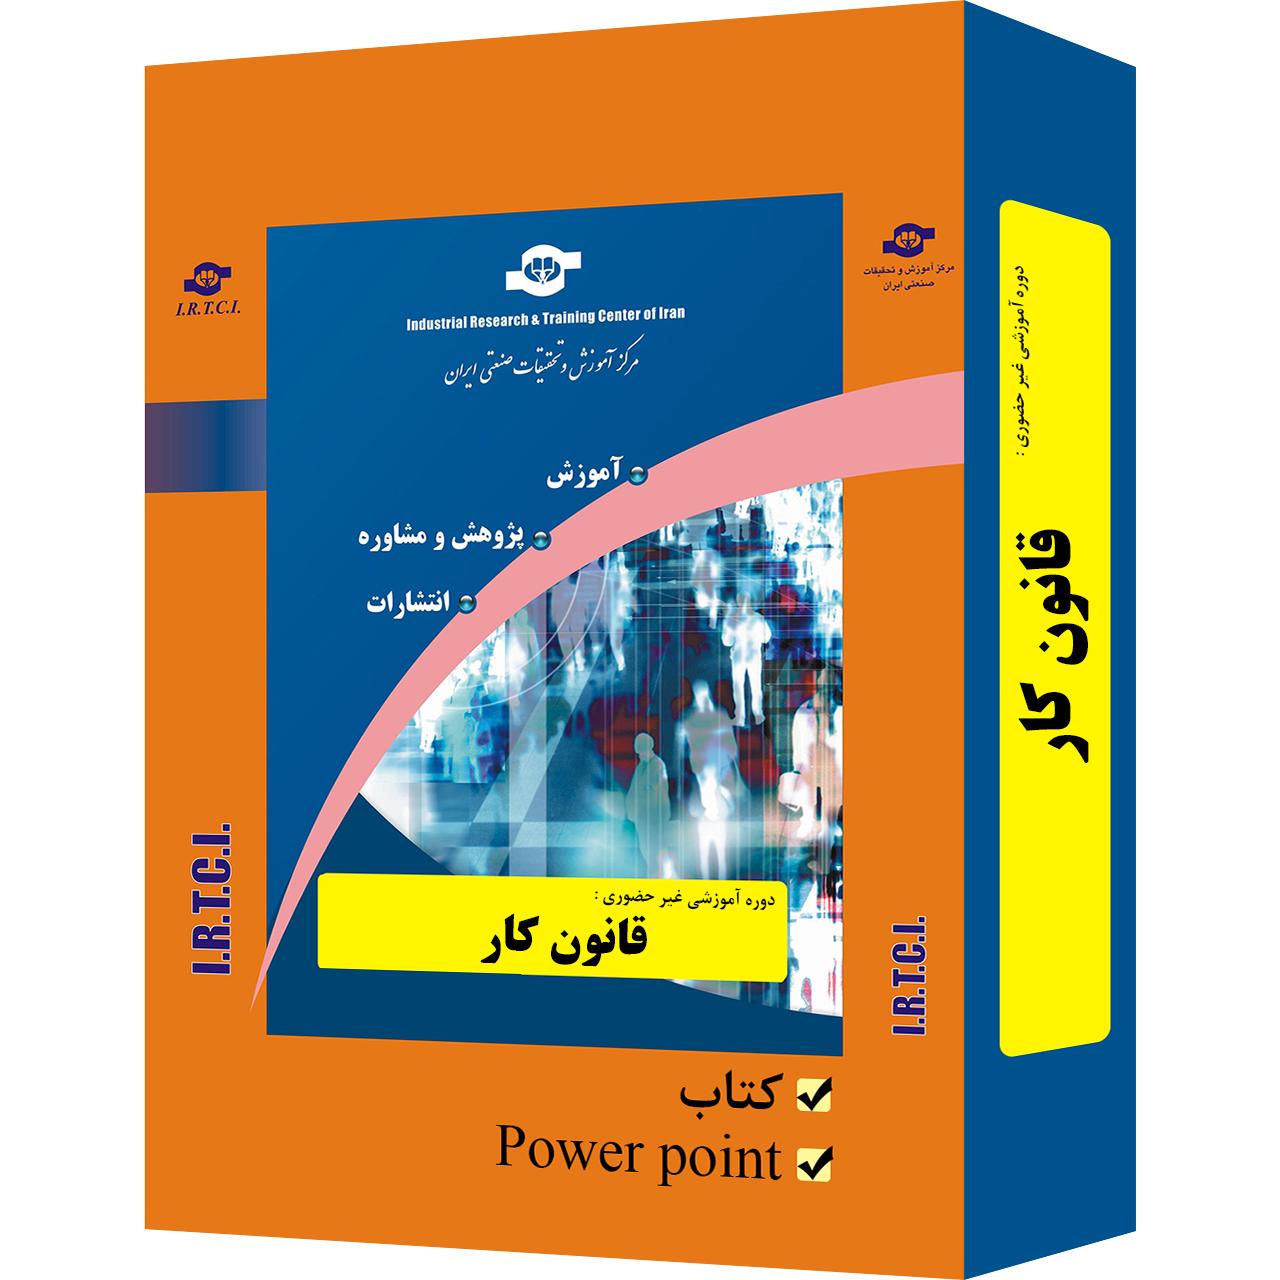 بسته آموزشی غیر حضوری قانون کار تدوین مرکز آموزش و تحقیقات صنعتی ایران